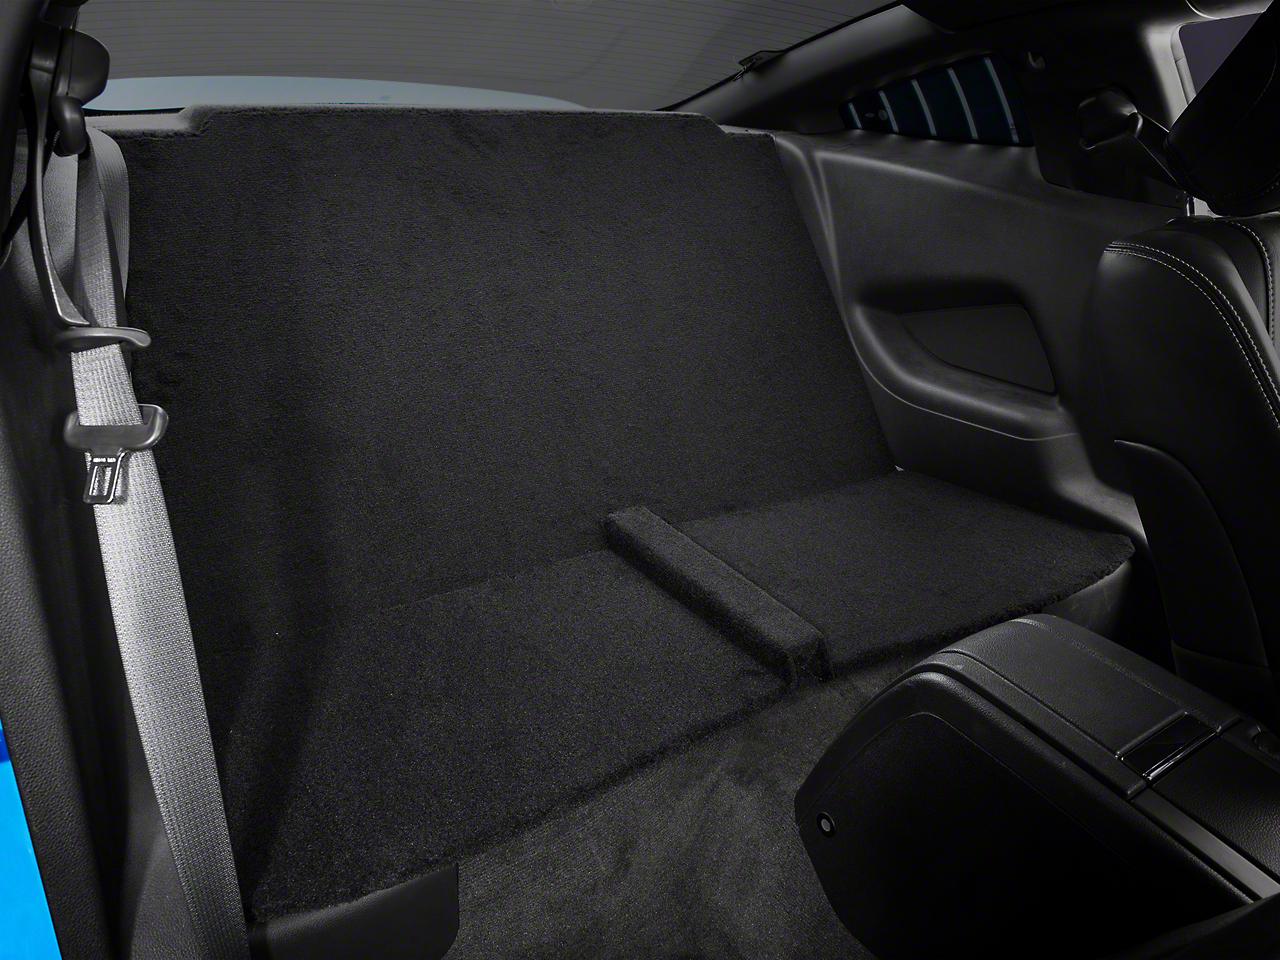 Rear Seat Delete - Coupe - Black (11-14 All)